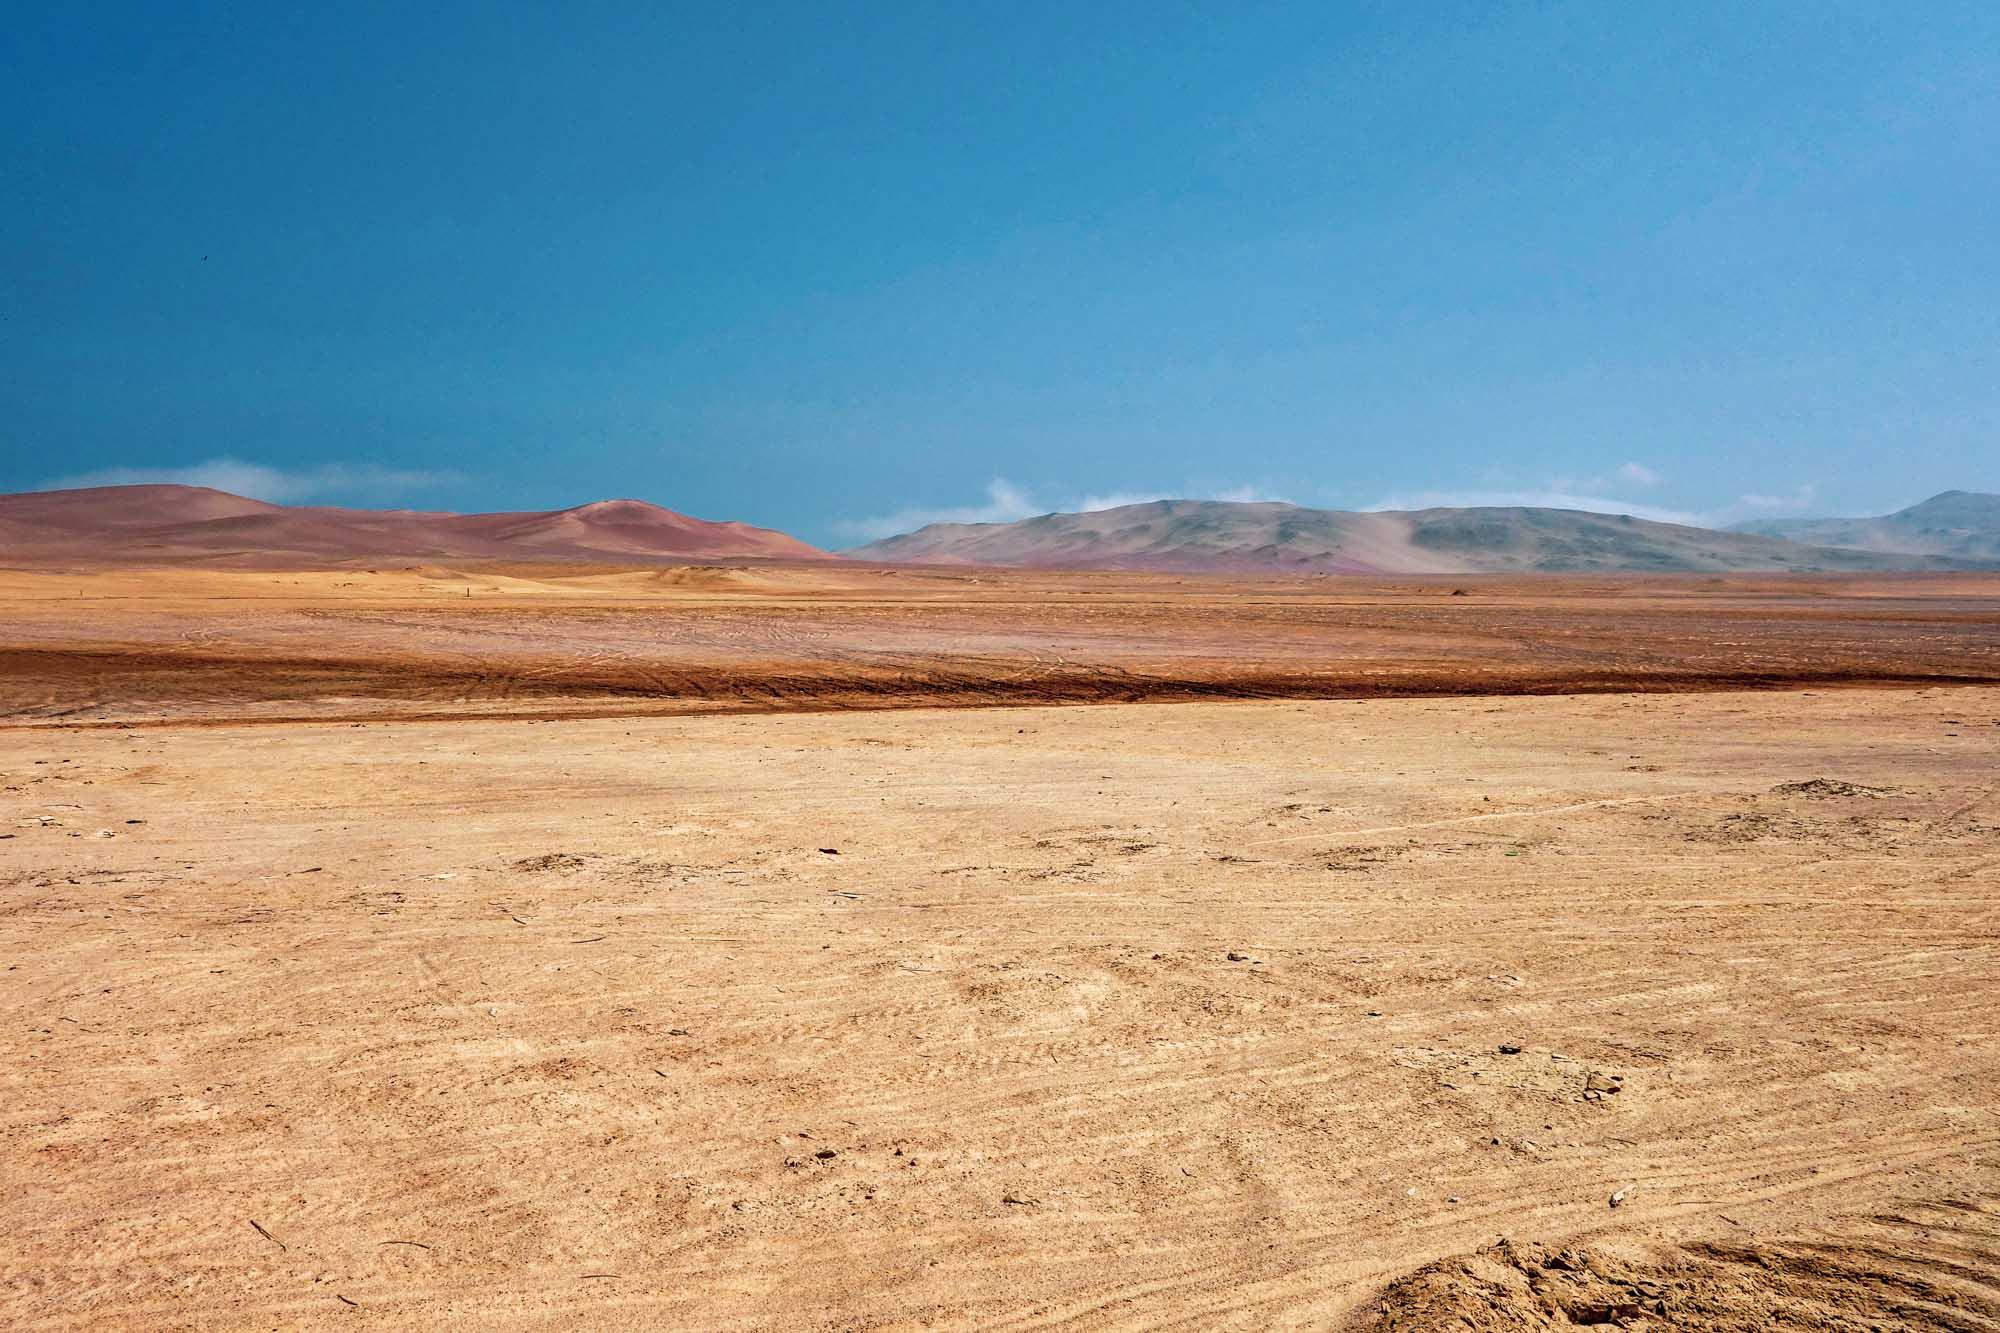 Les étendues désertiques de la réserve de Paracas au Pérou